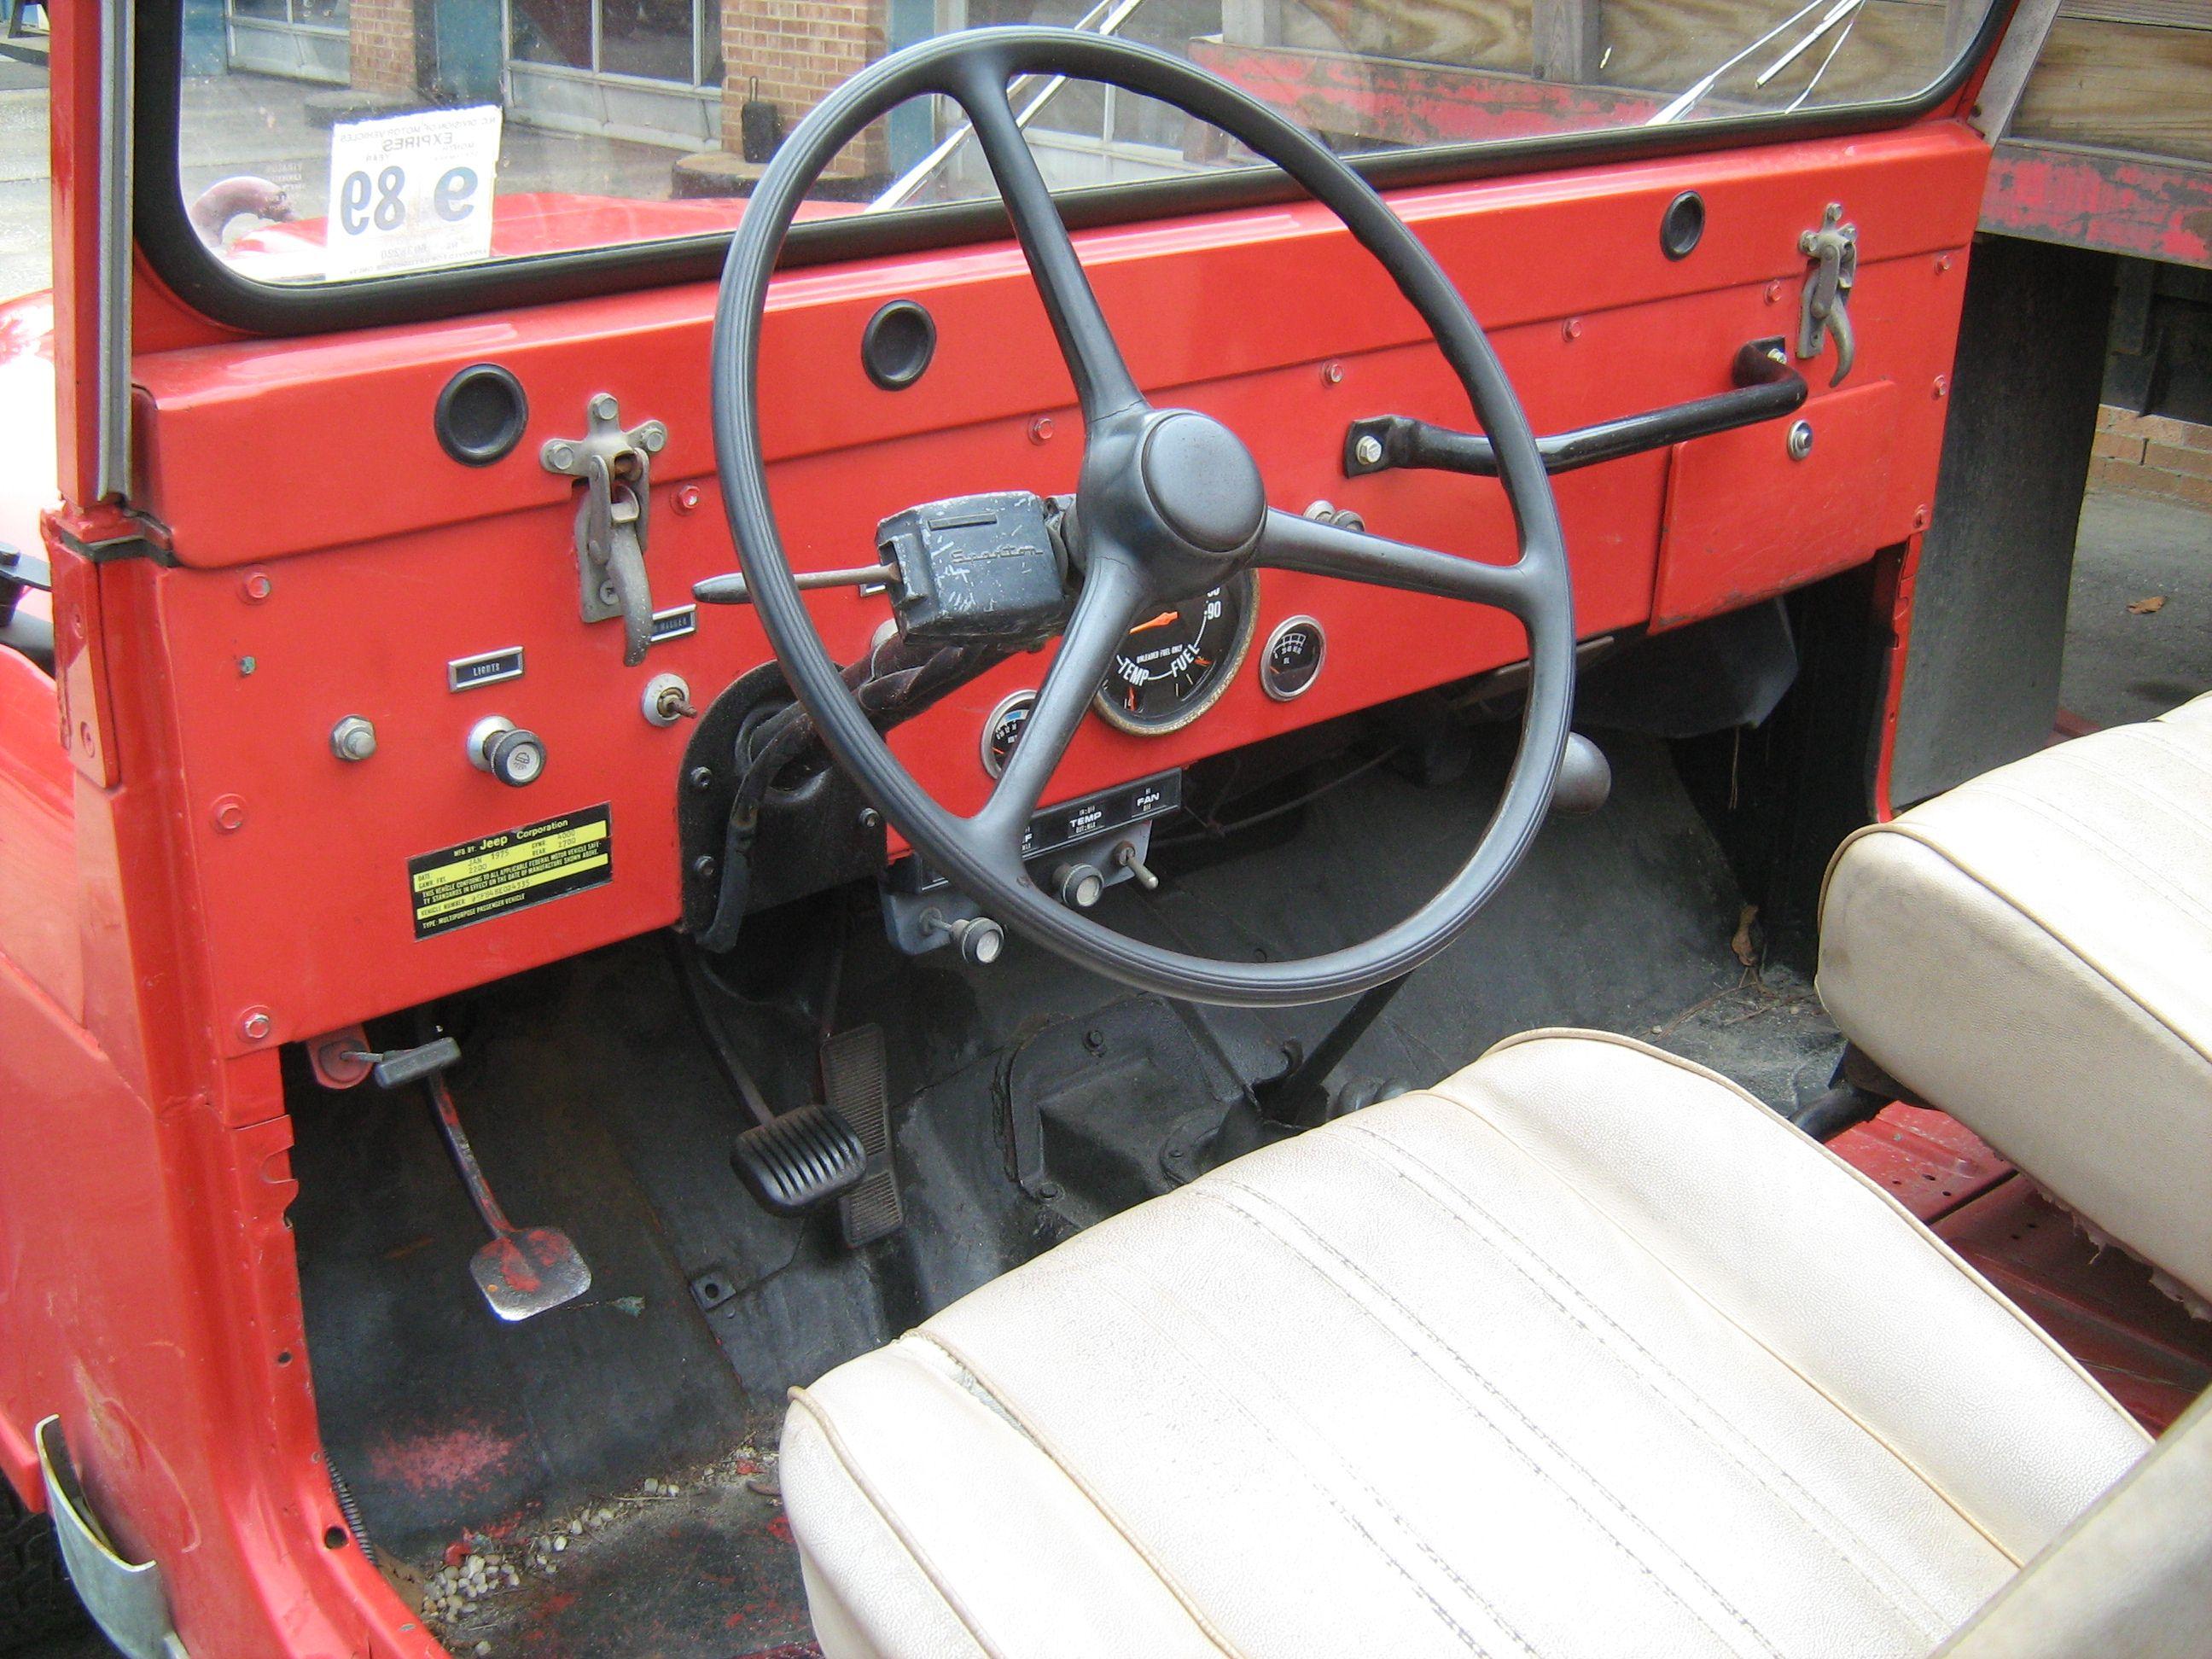 1976 jeep cj fuse diagram exactly what my  68    jeep    cj5 looked like jeeps    jeep     exactly what my  68    jeep    cj5 looked like jeeps    jeep